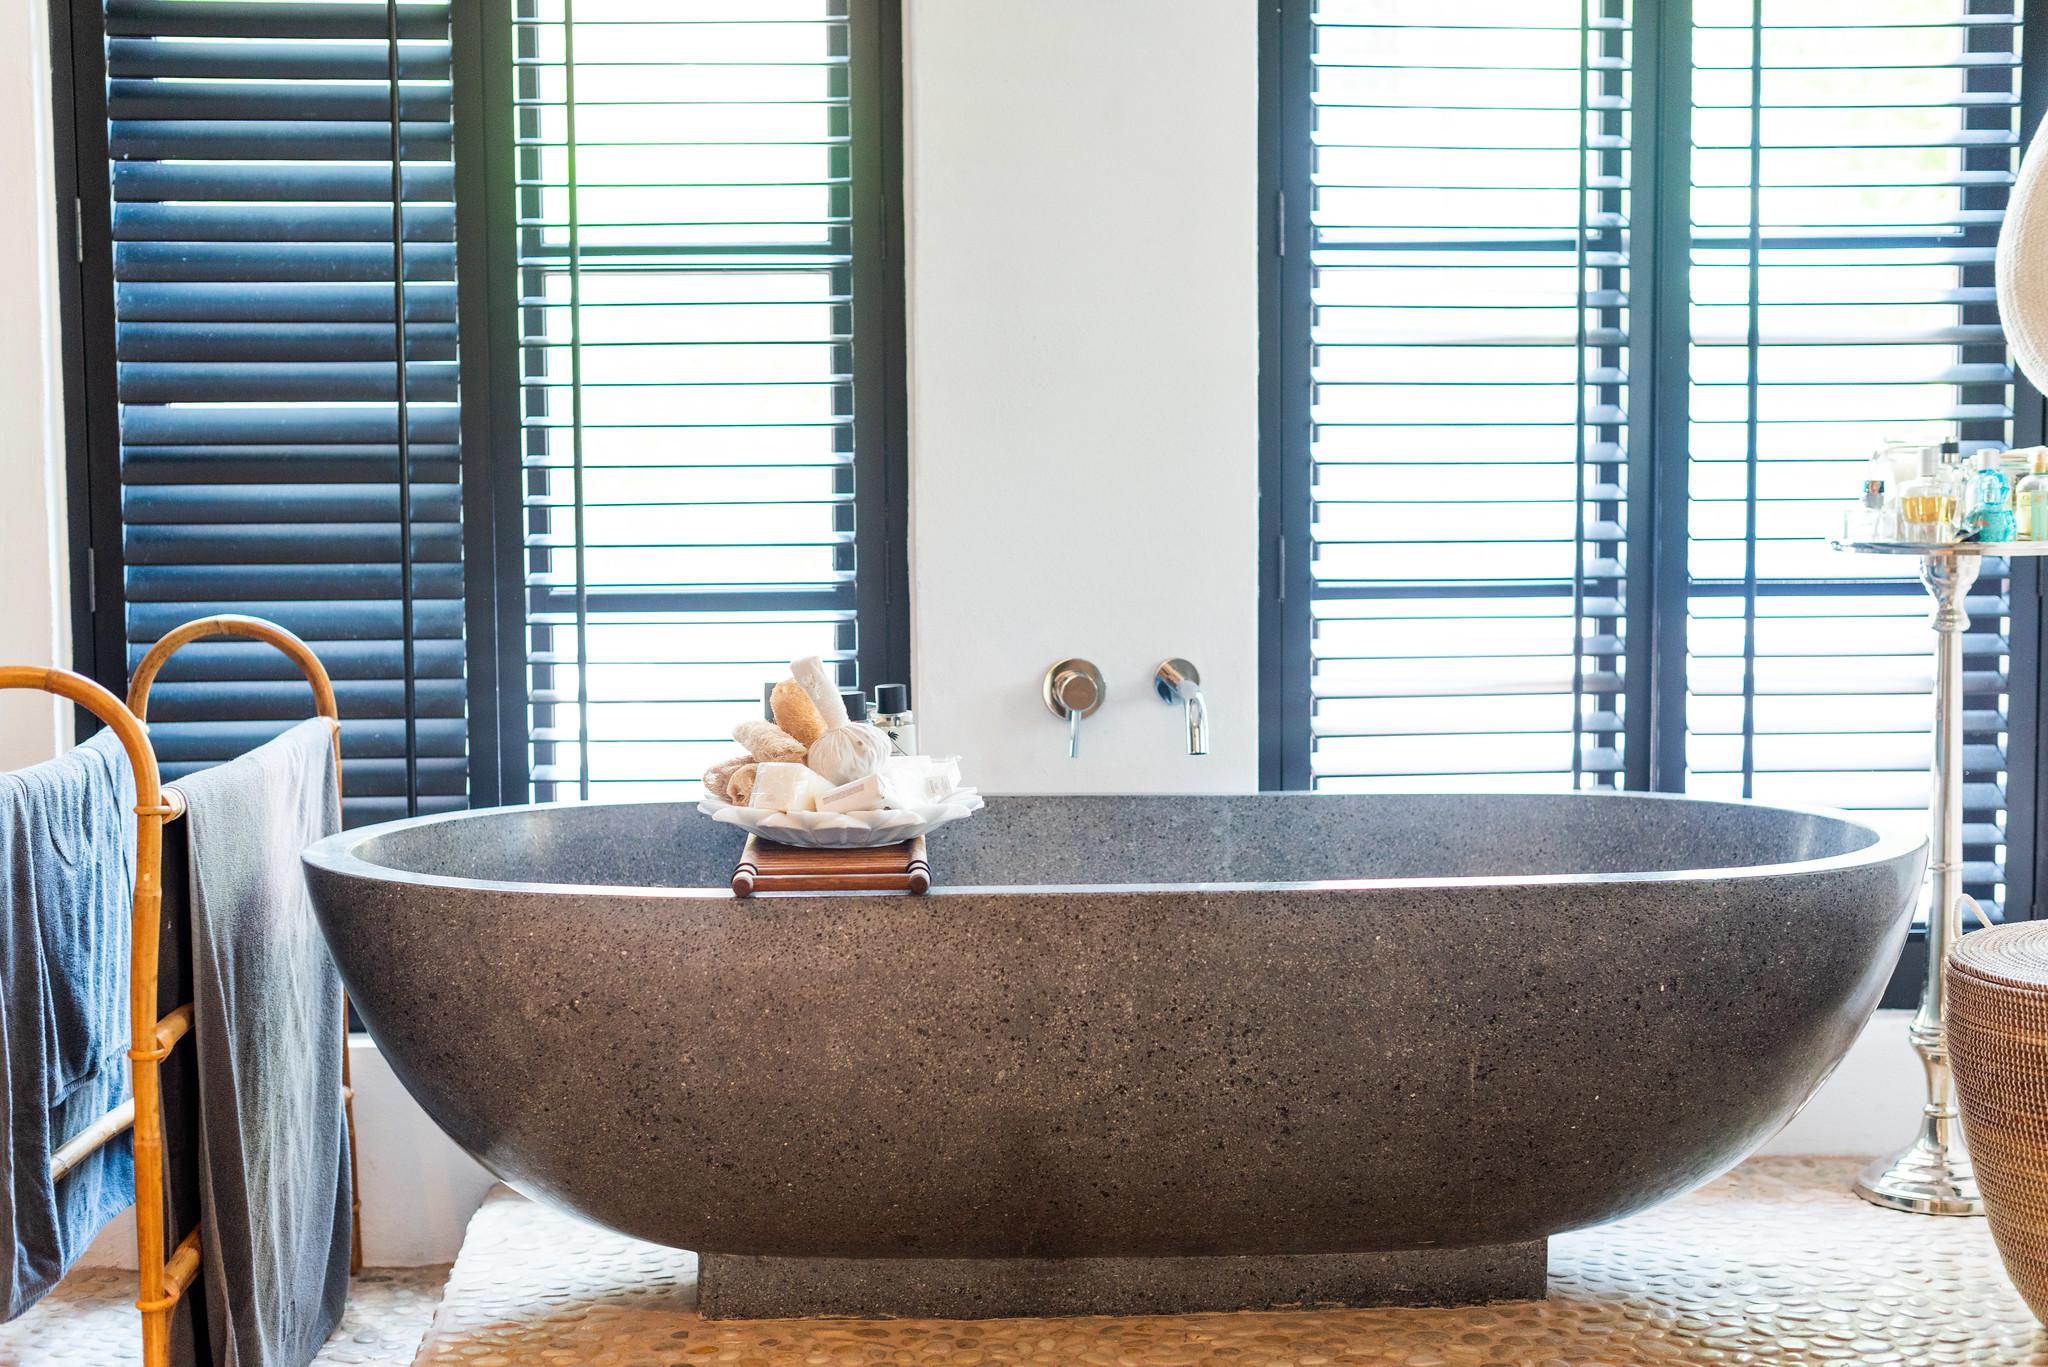 https://www.white-ibiza.com/wp-content/uploads/2020/05/white-ibiza-villas-can-riviere-interior-bathroom3.jpg